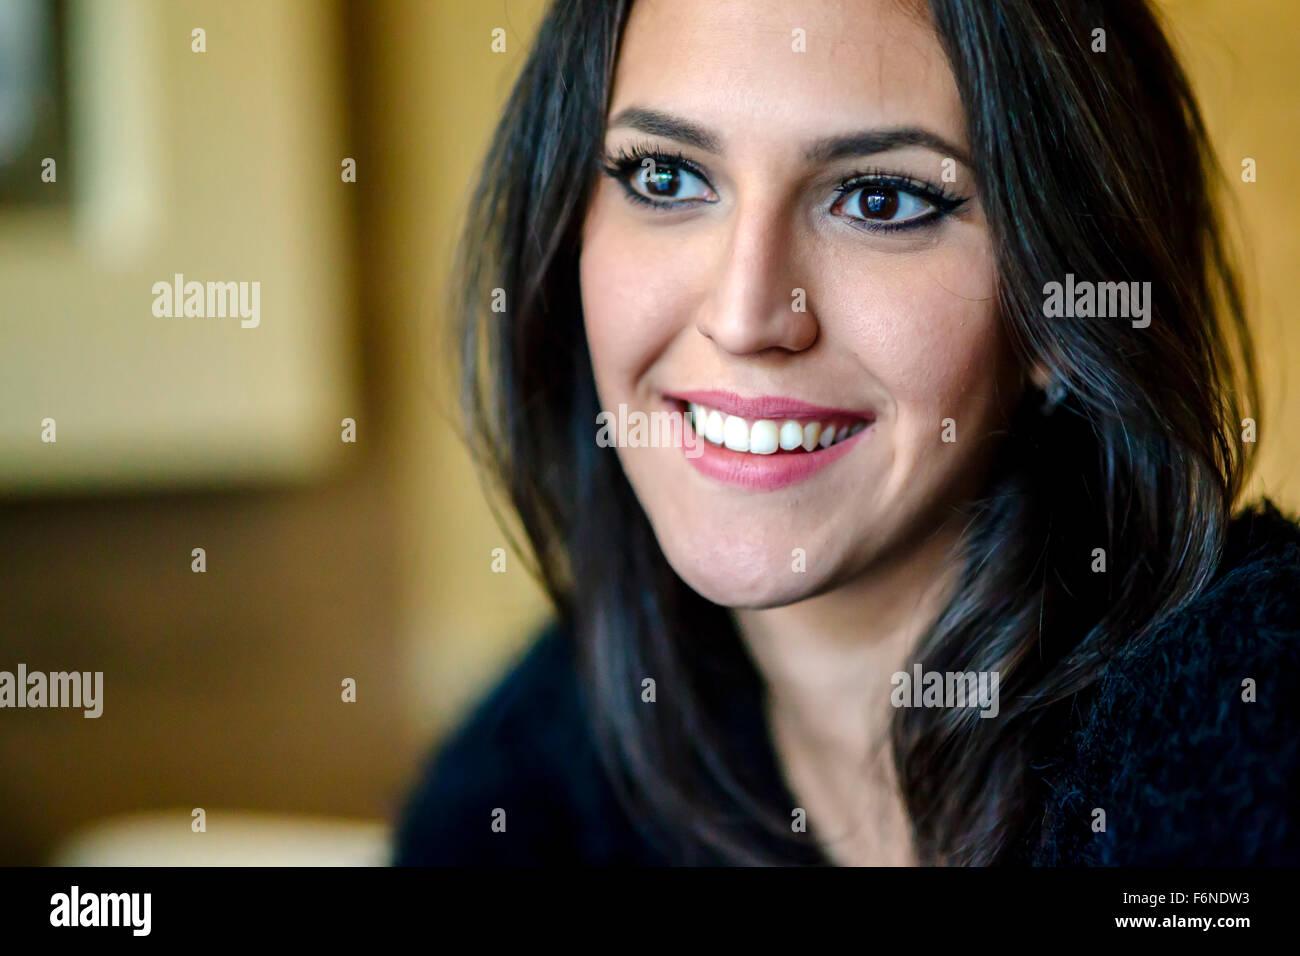 Ritratto di una bella bruna sorridente Immagini Stock